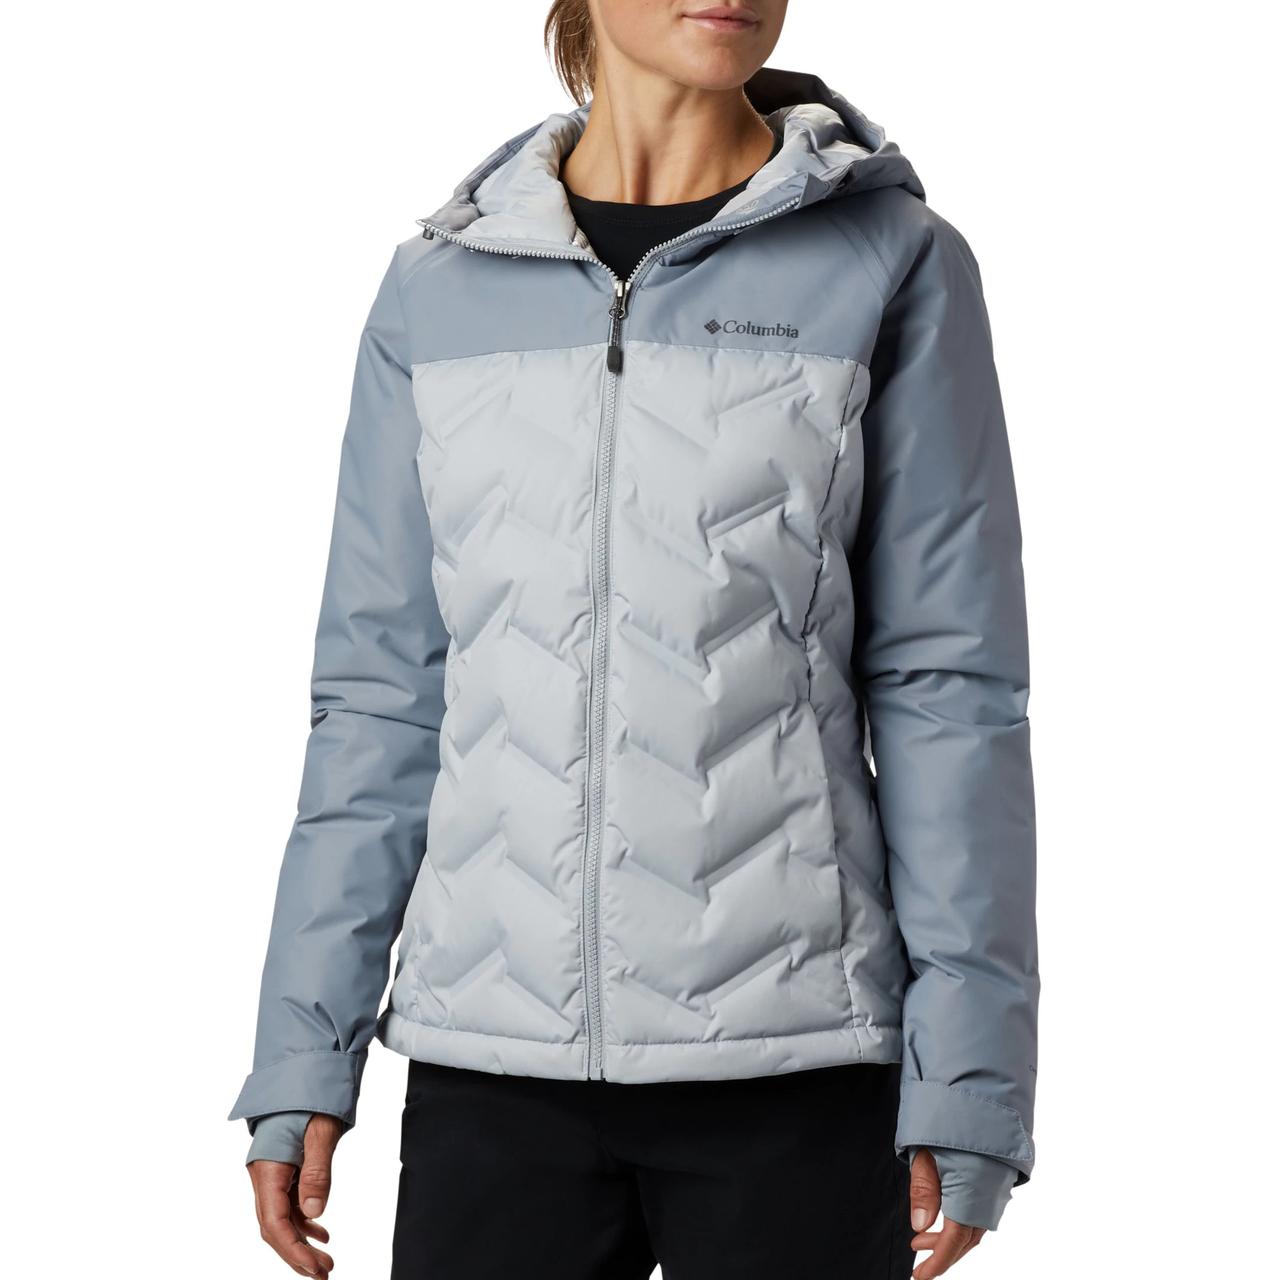 Женская пуховая куртка Columbia Grand Trek Down Jacket РАЗМЕР L